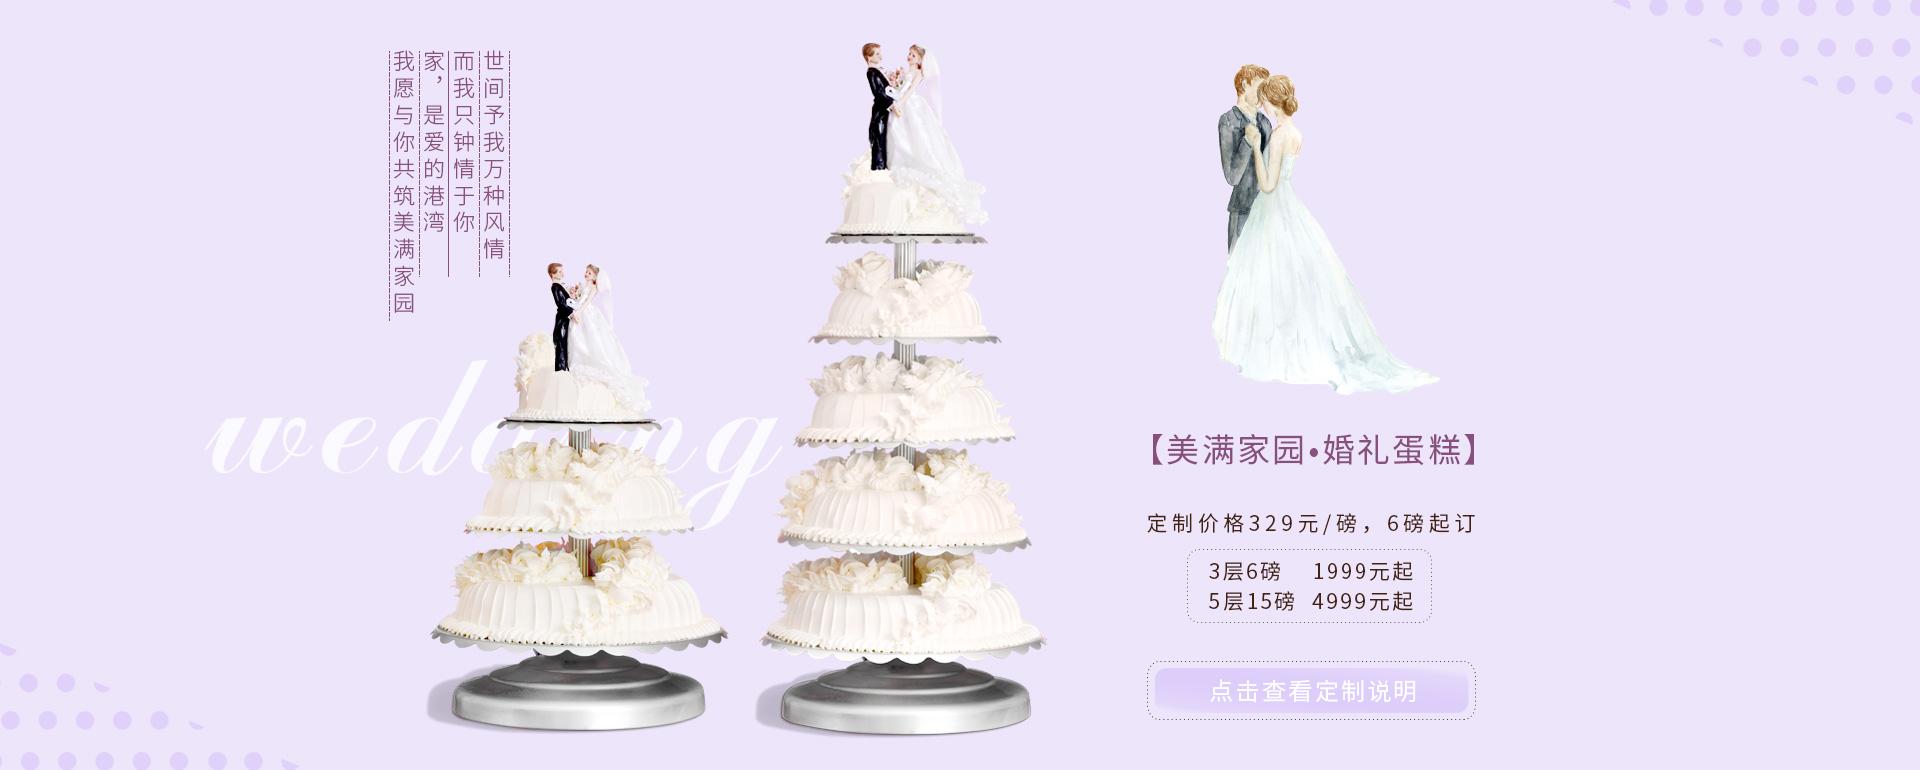 婚礼蛋糕定制 美满家园 ebeecake小蜜蜂蛋糕